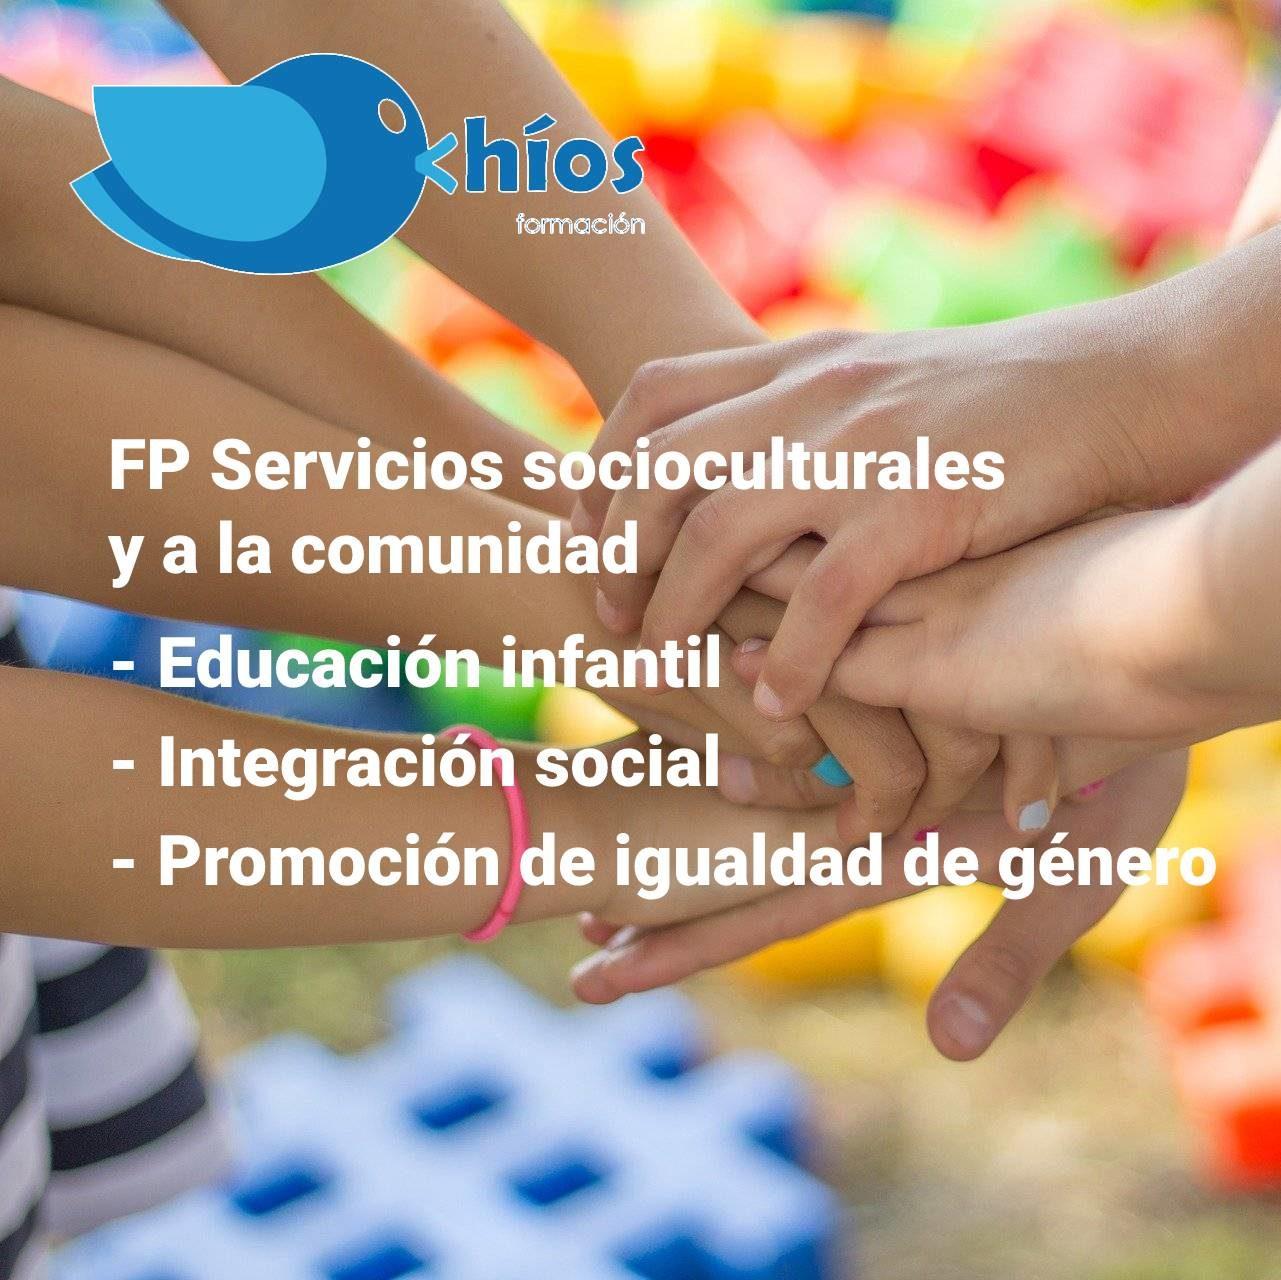 FP Servicios socioculturales y a la comunidad